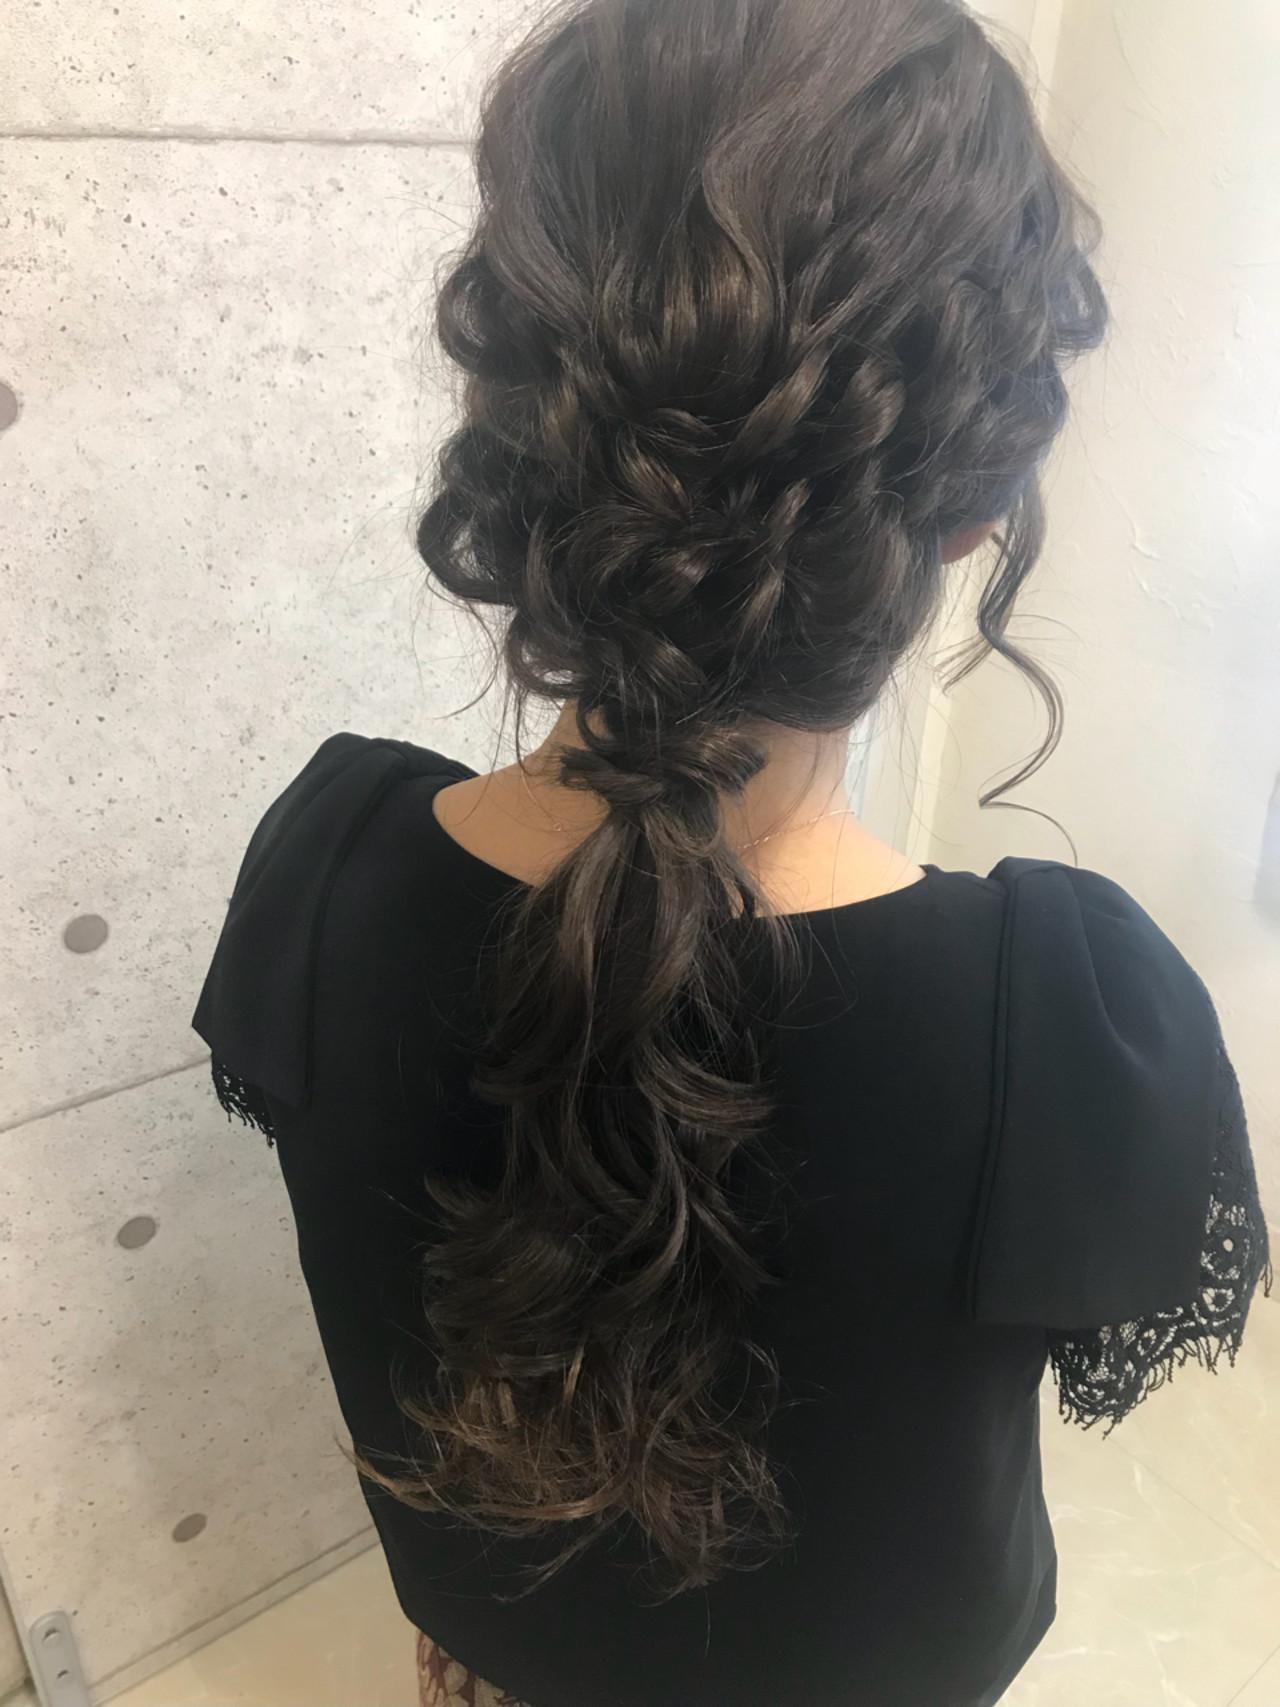 ふわっとエレガント♡大人女性のふわふわ編み込みヘア 大平 結花